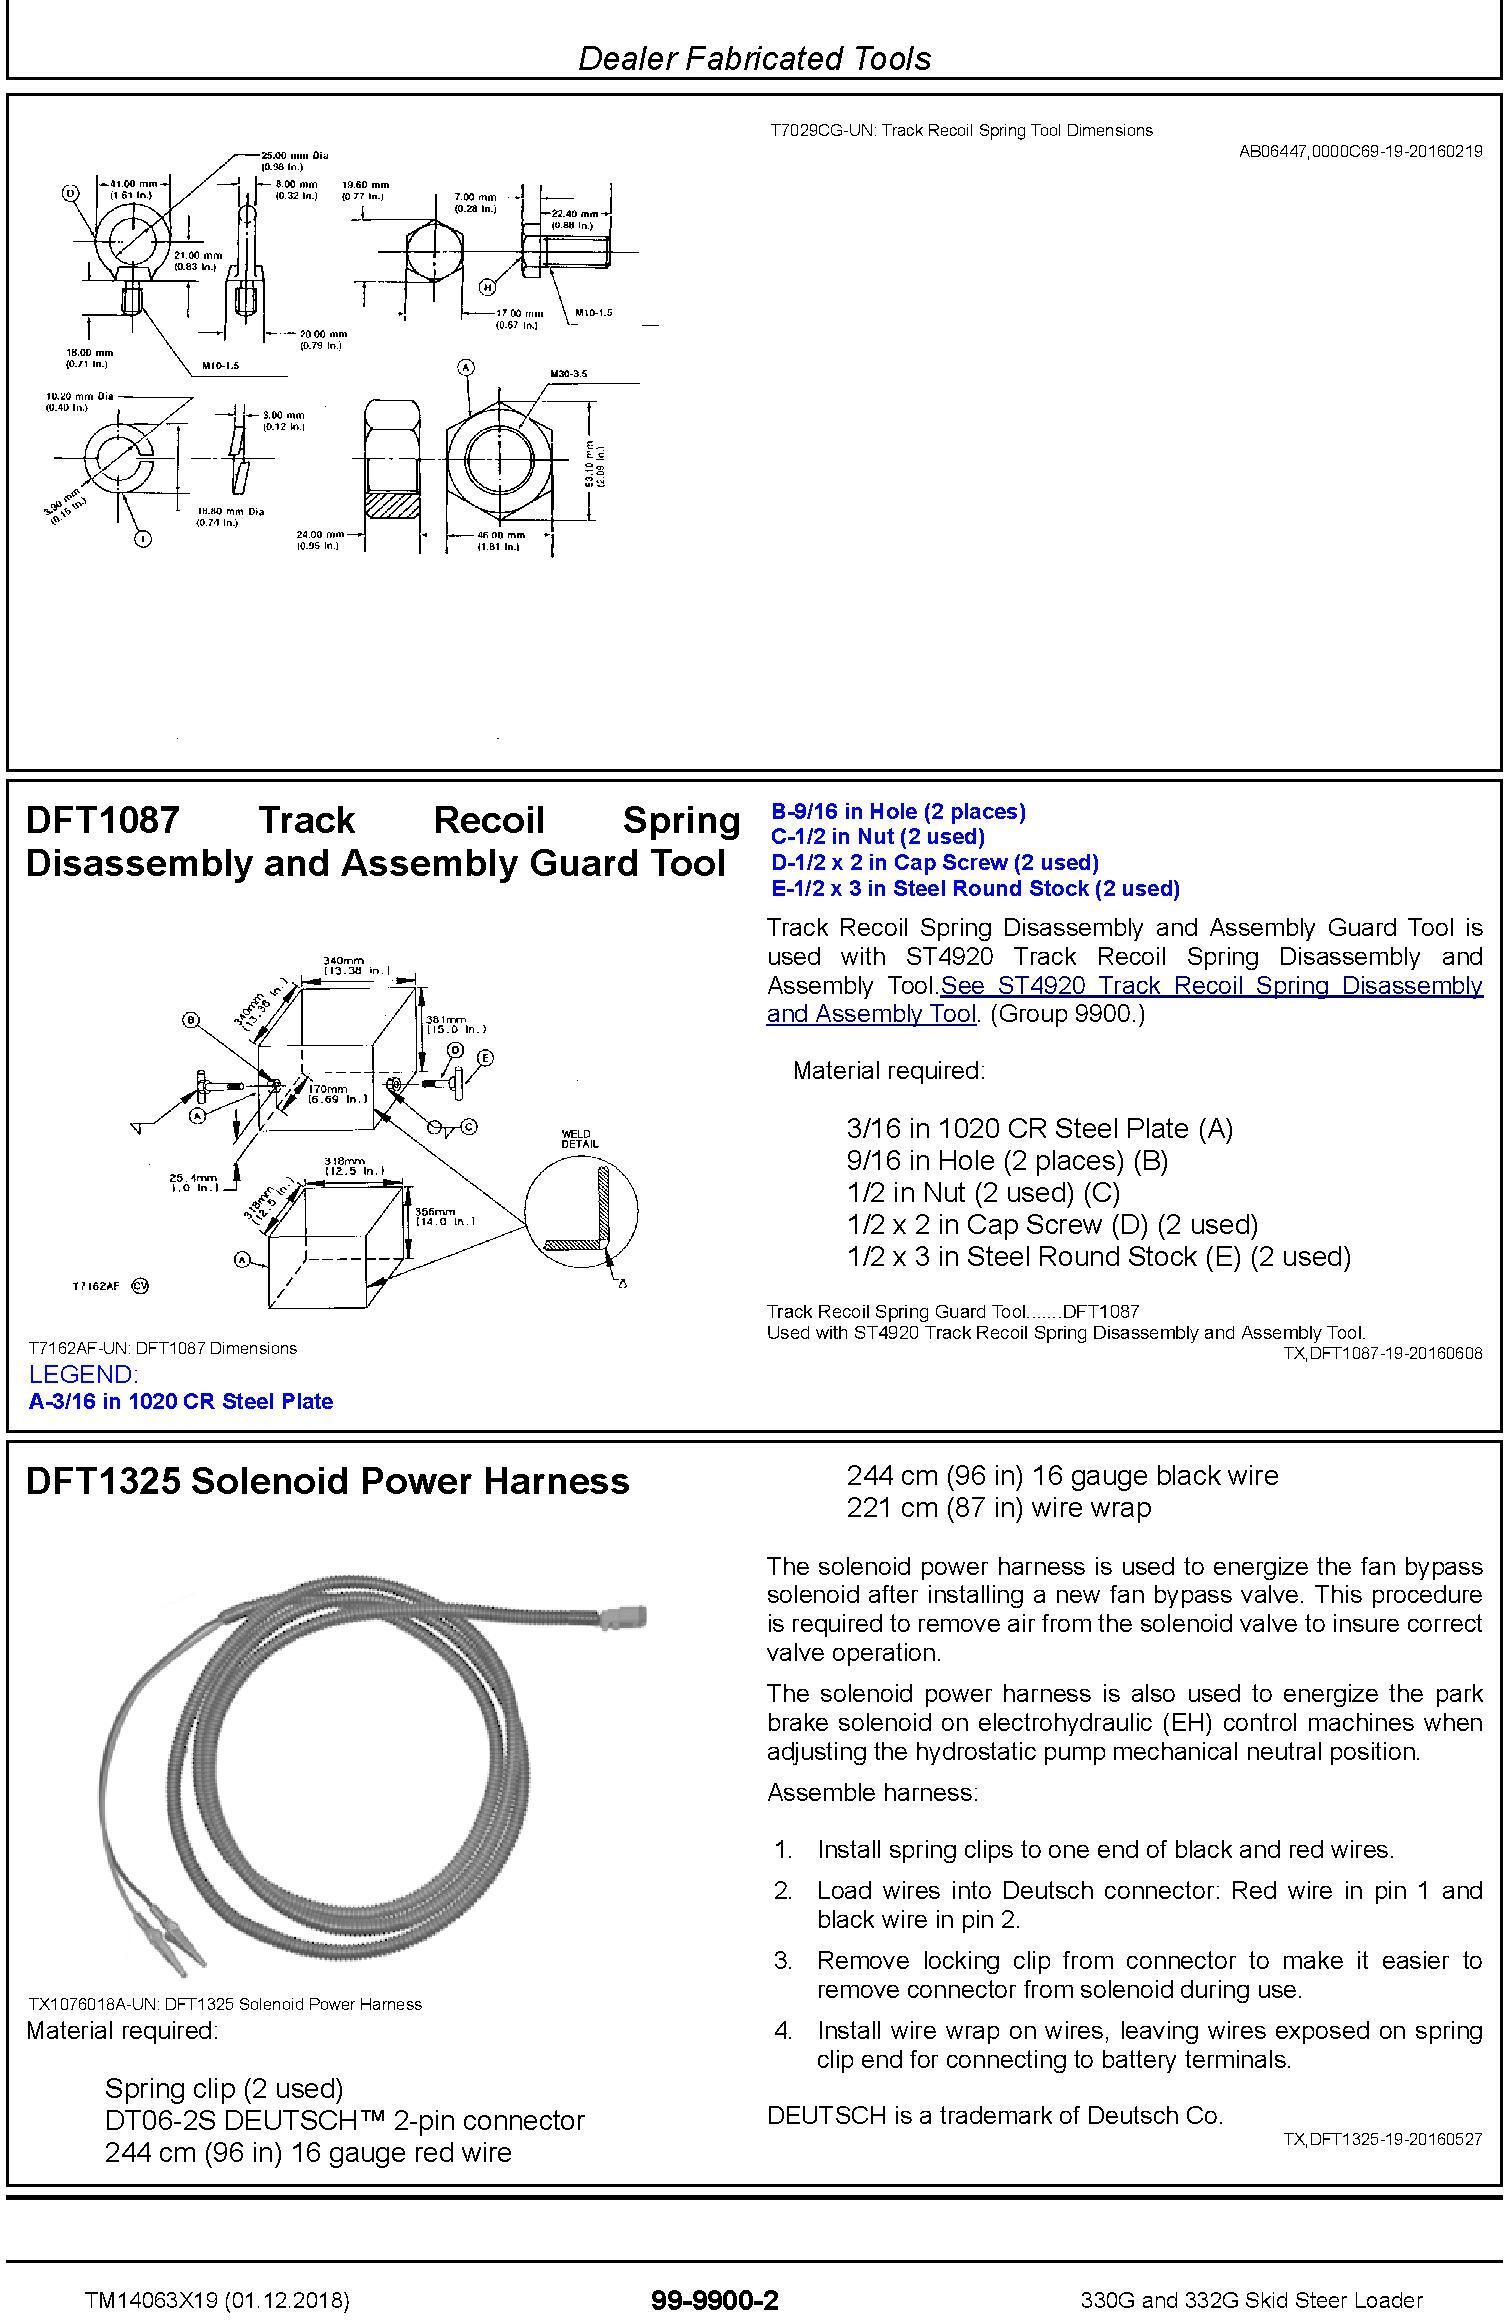 John Deere 330G and 332G Skid Steer Loader Repair Service Manual (TM14063X19) - 3